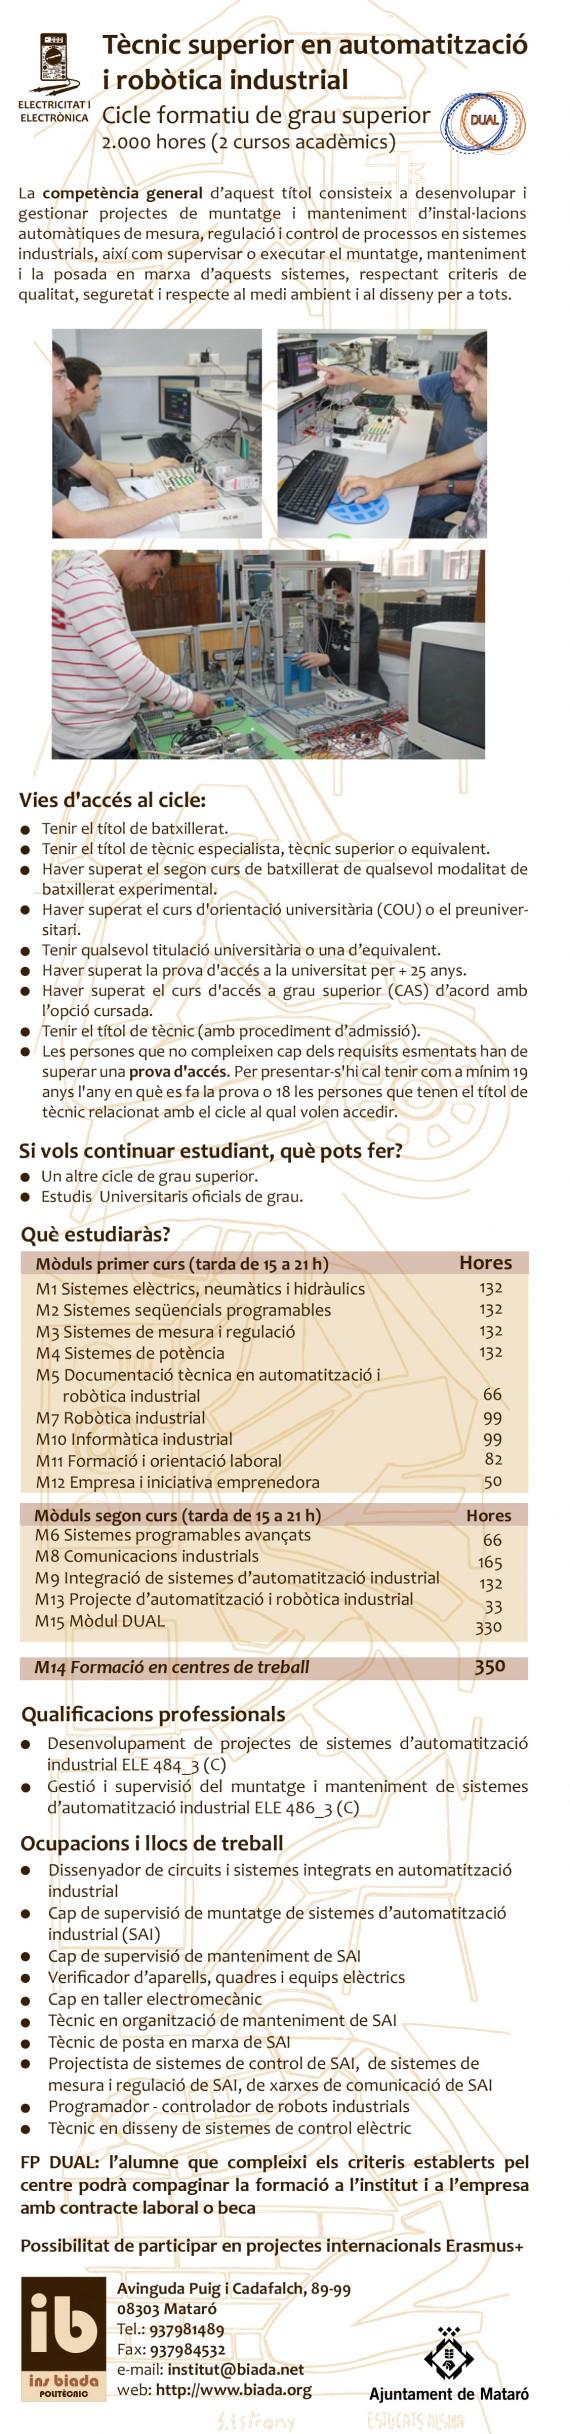 CSAR_fulleto_automatitz_robotica_individual_2016